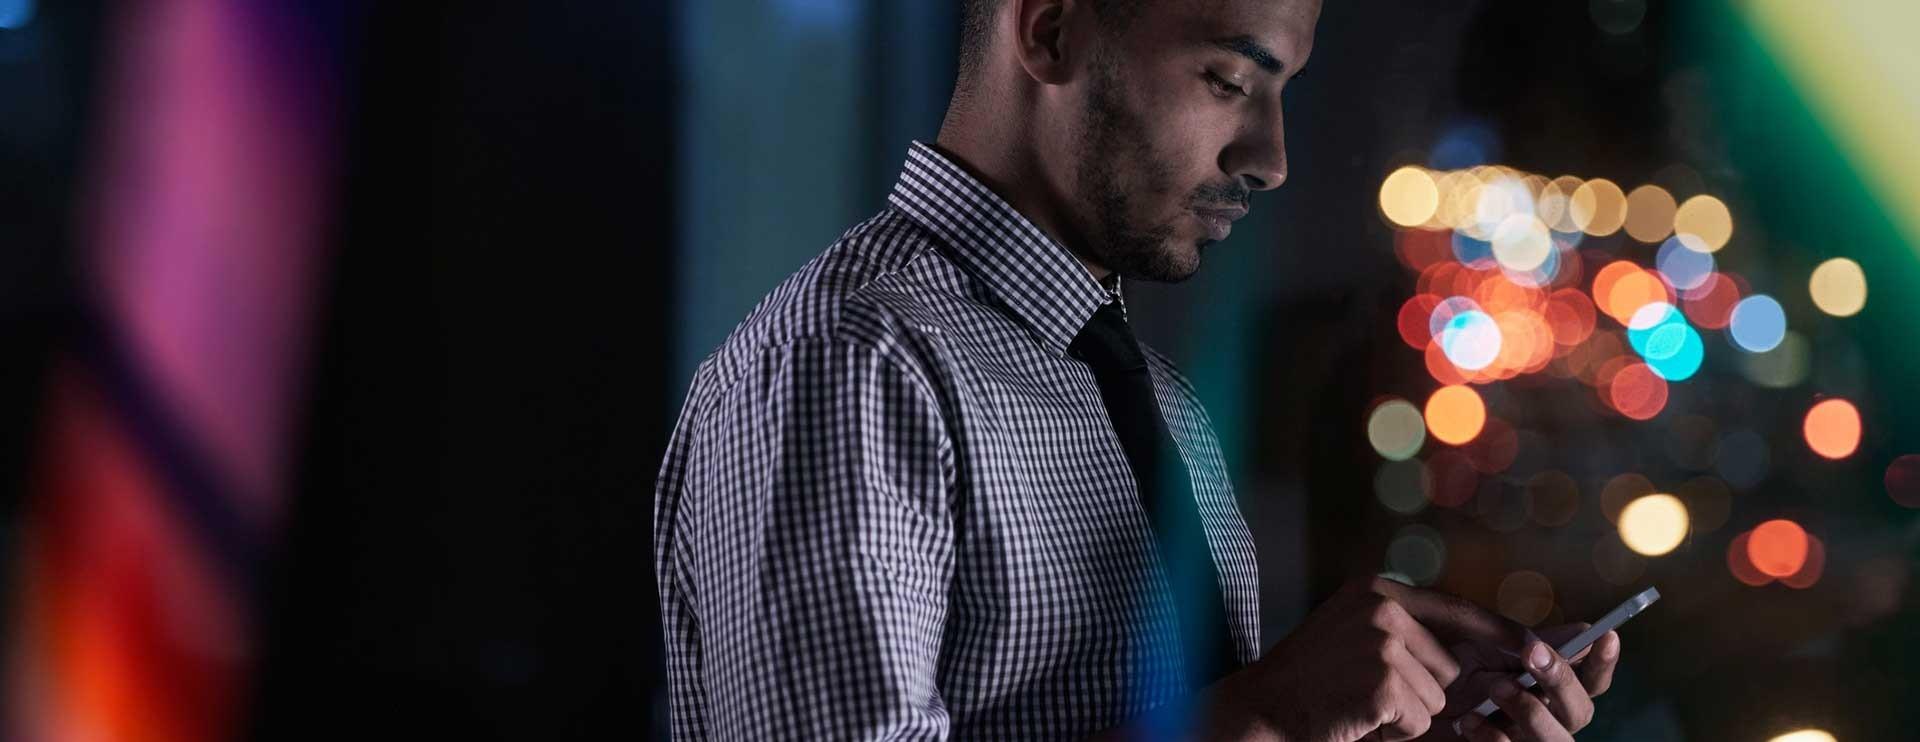 Hombre joven con celular